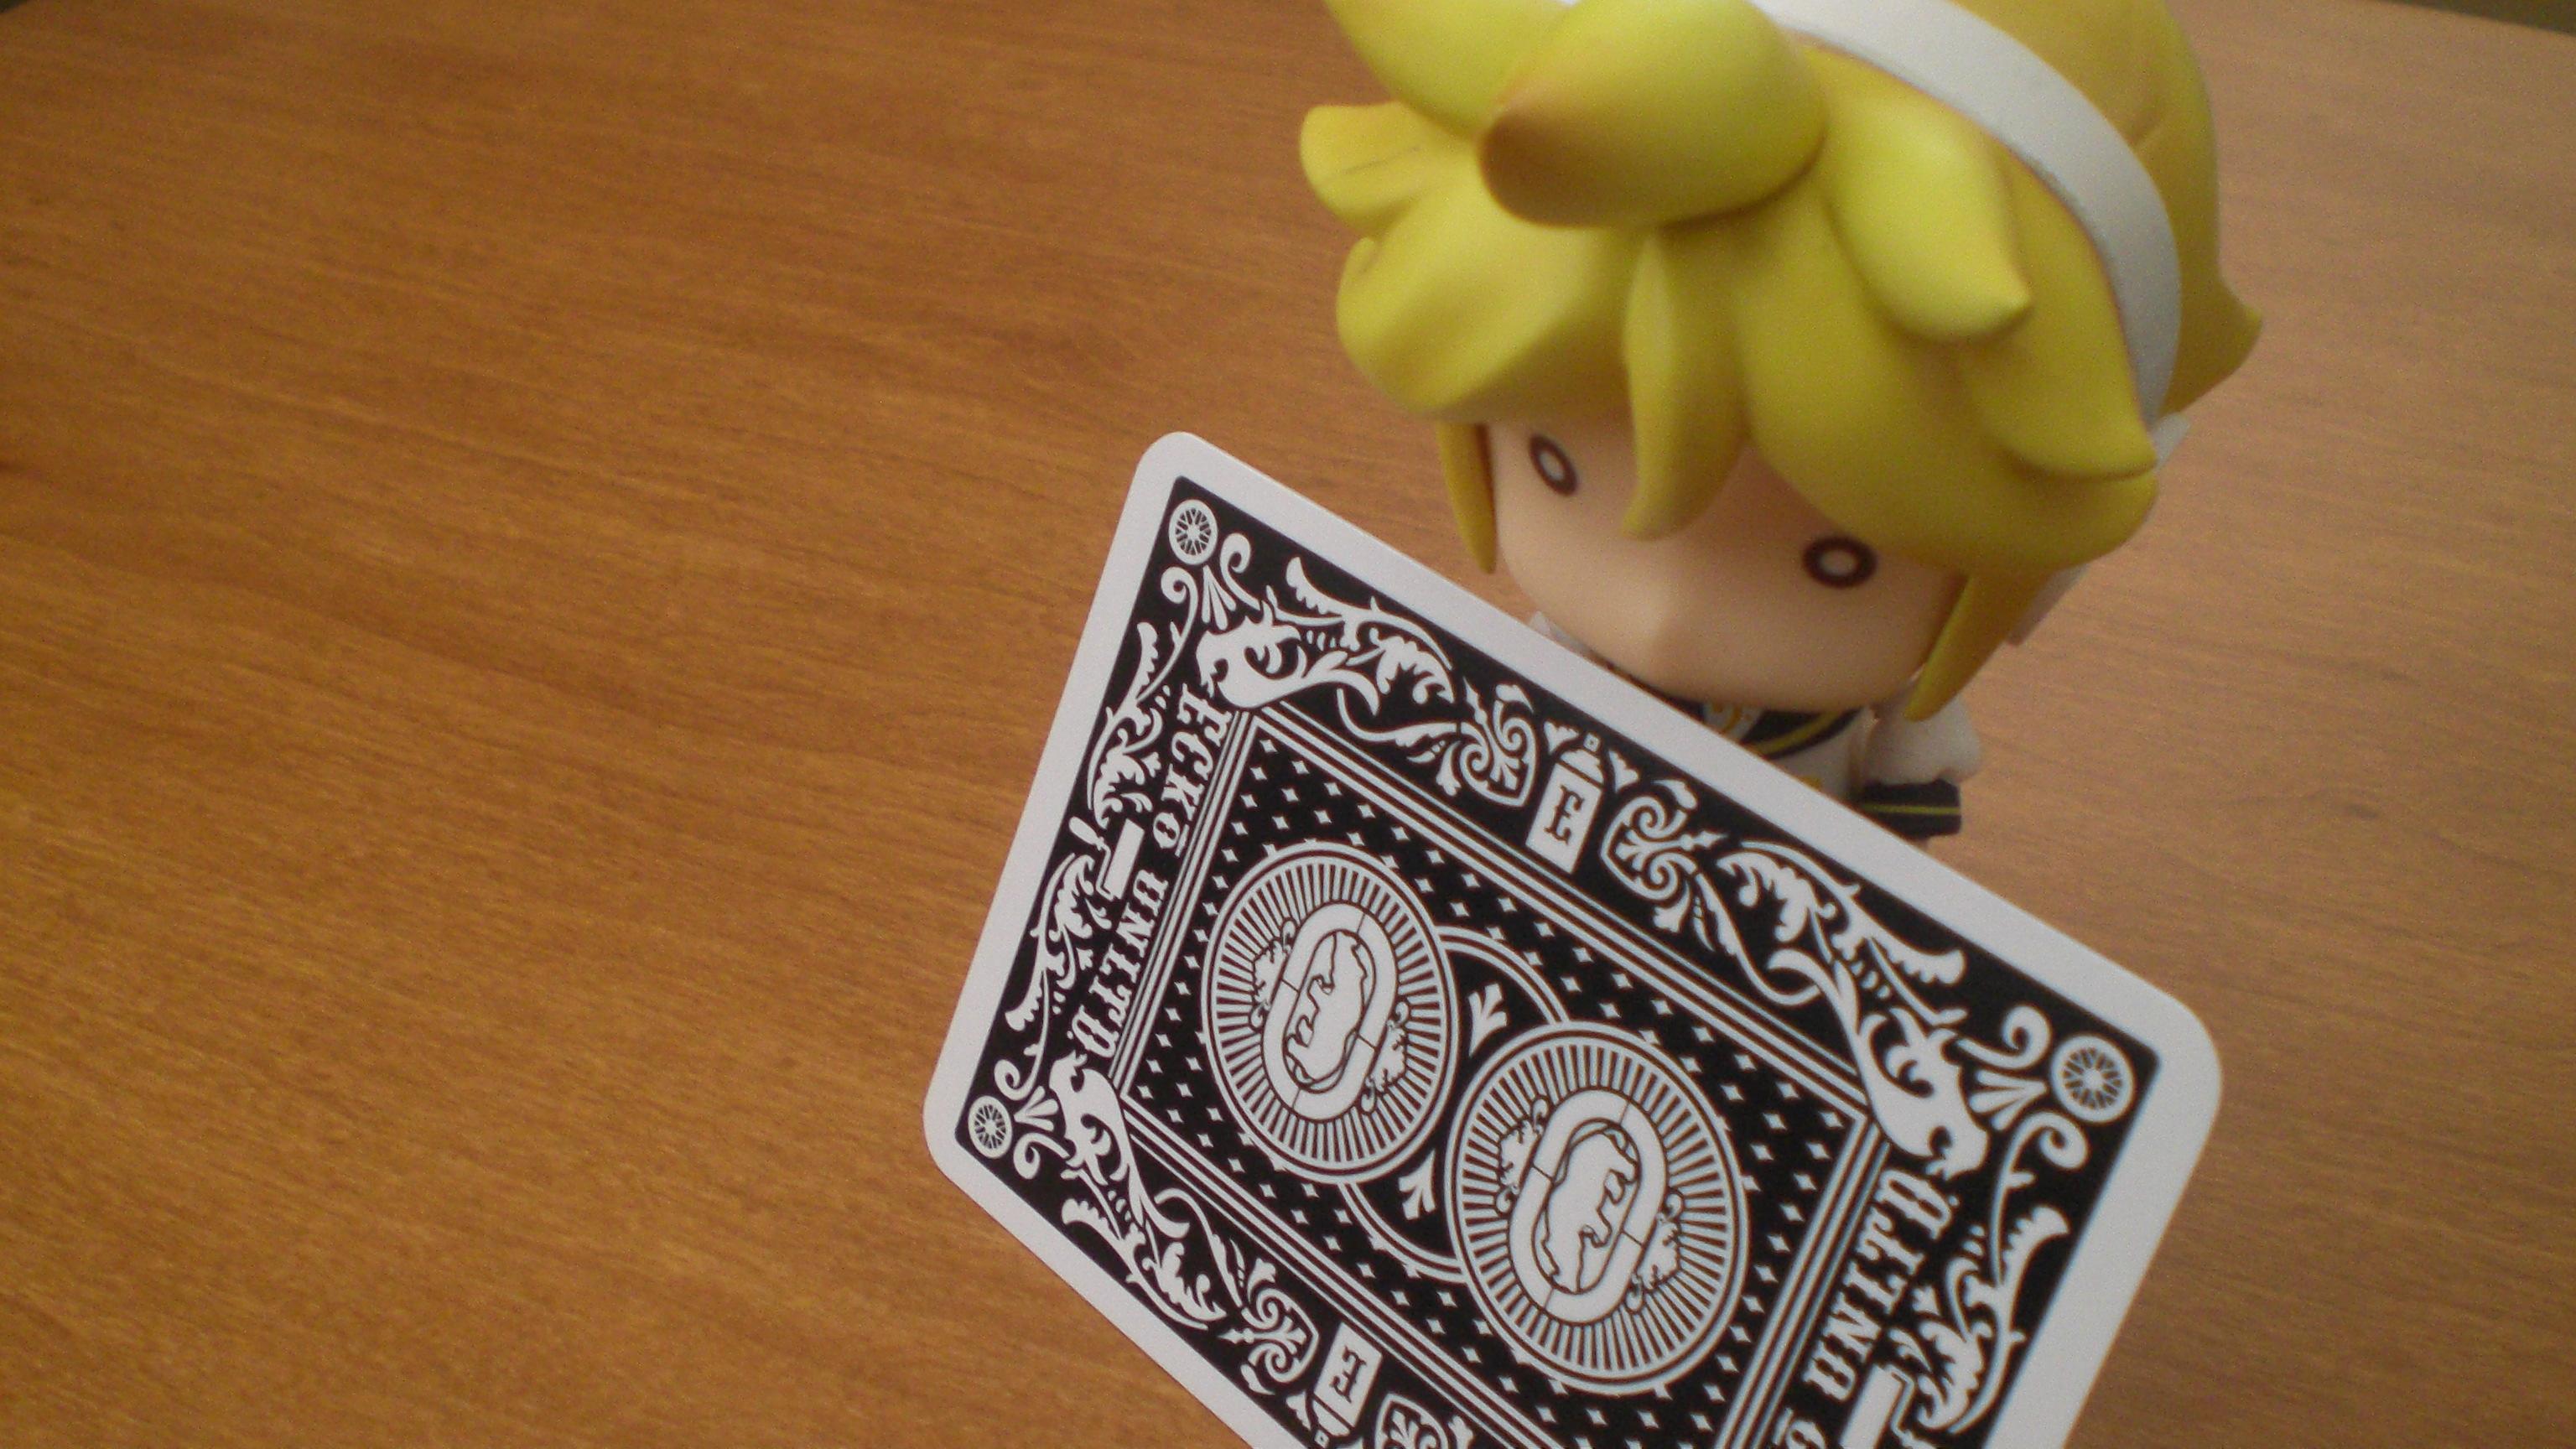 om nom nom ; Ecko cards are bite size.